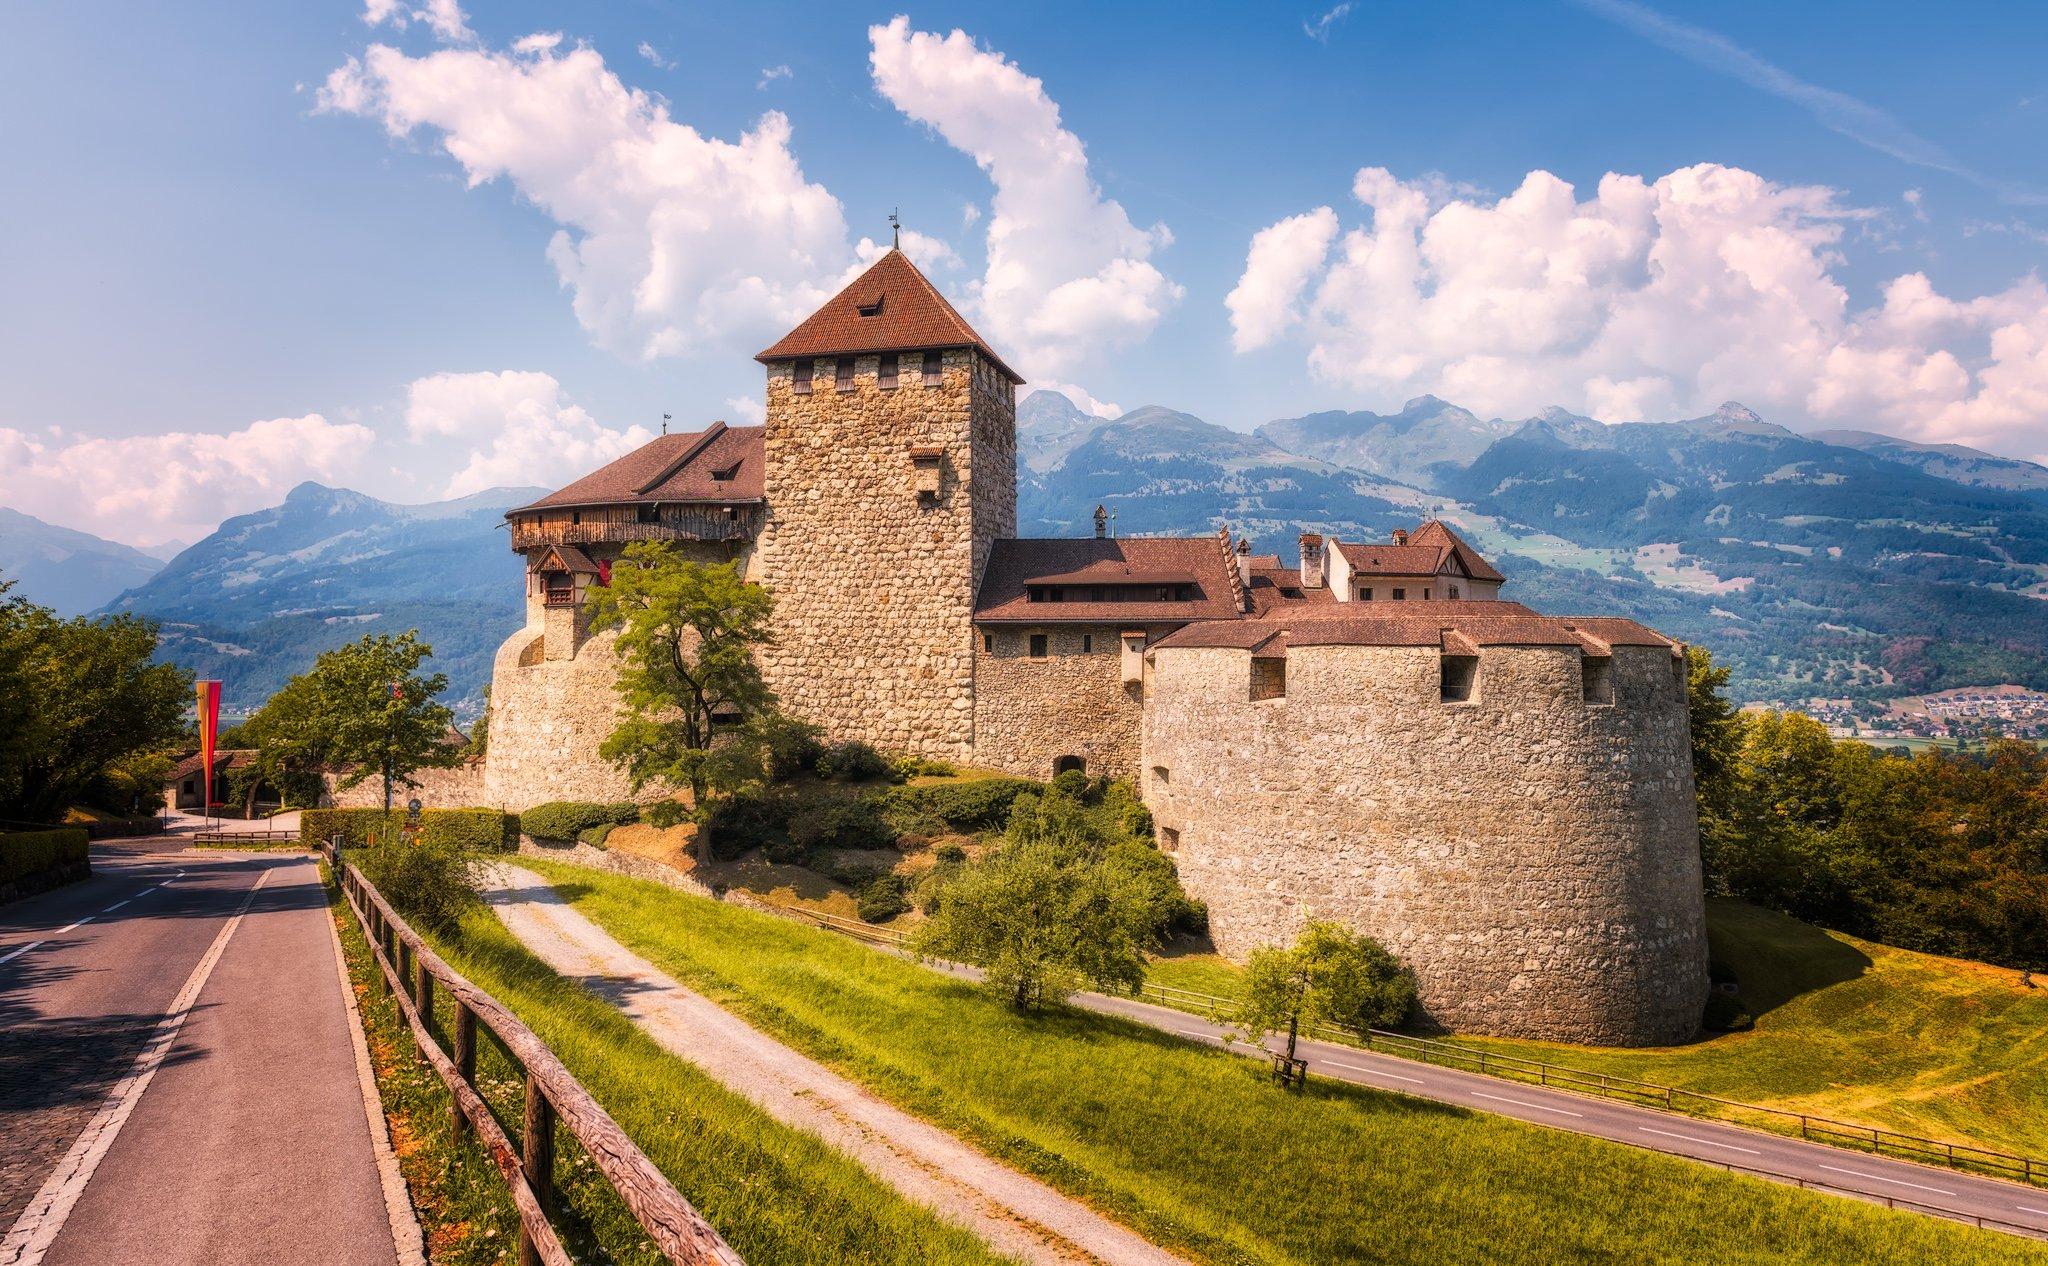 Liechtenstein - Vaduz kasteel. Een zomers bezoek aan het Alpenland.